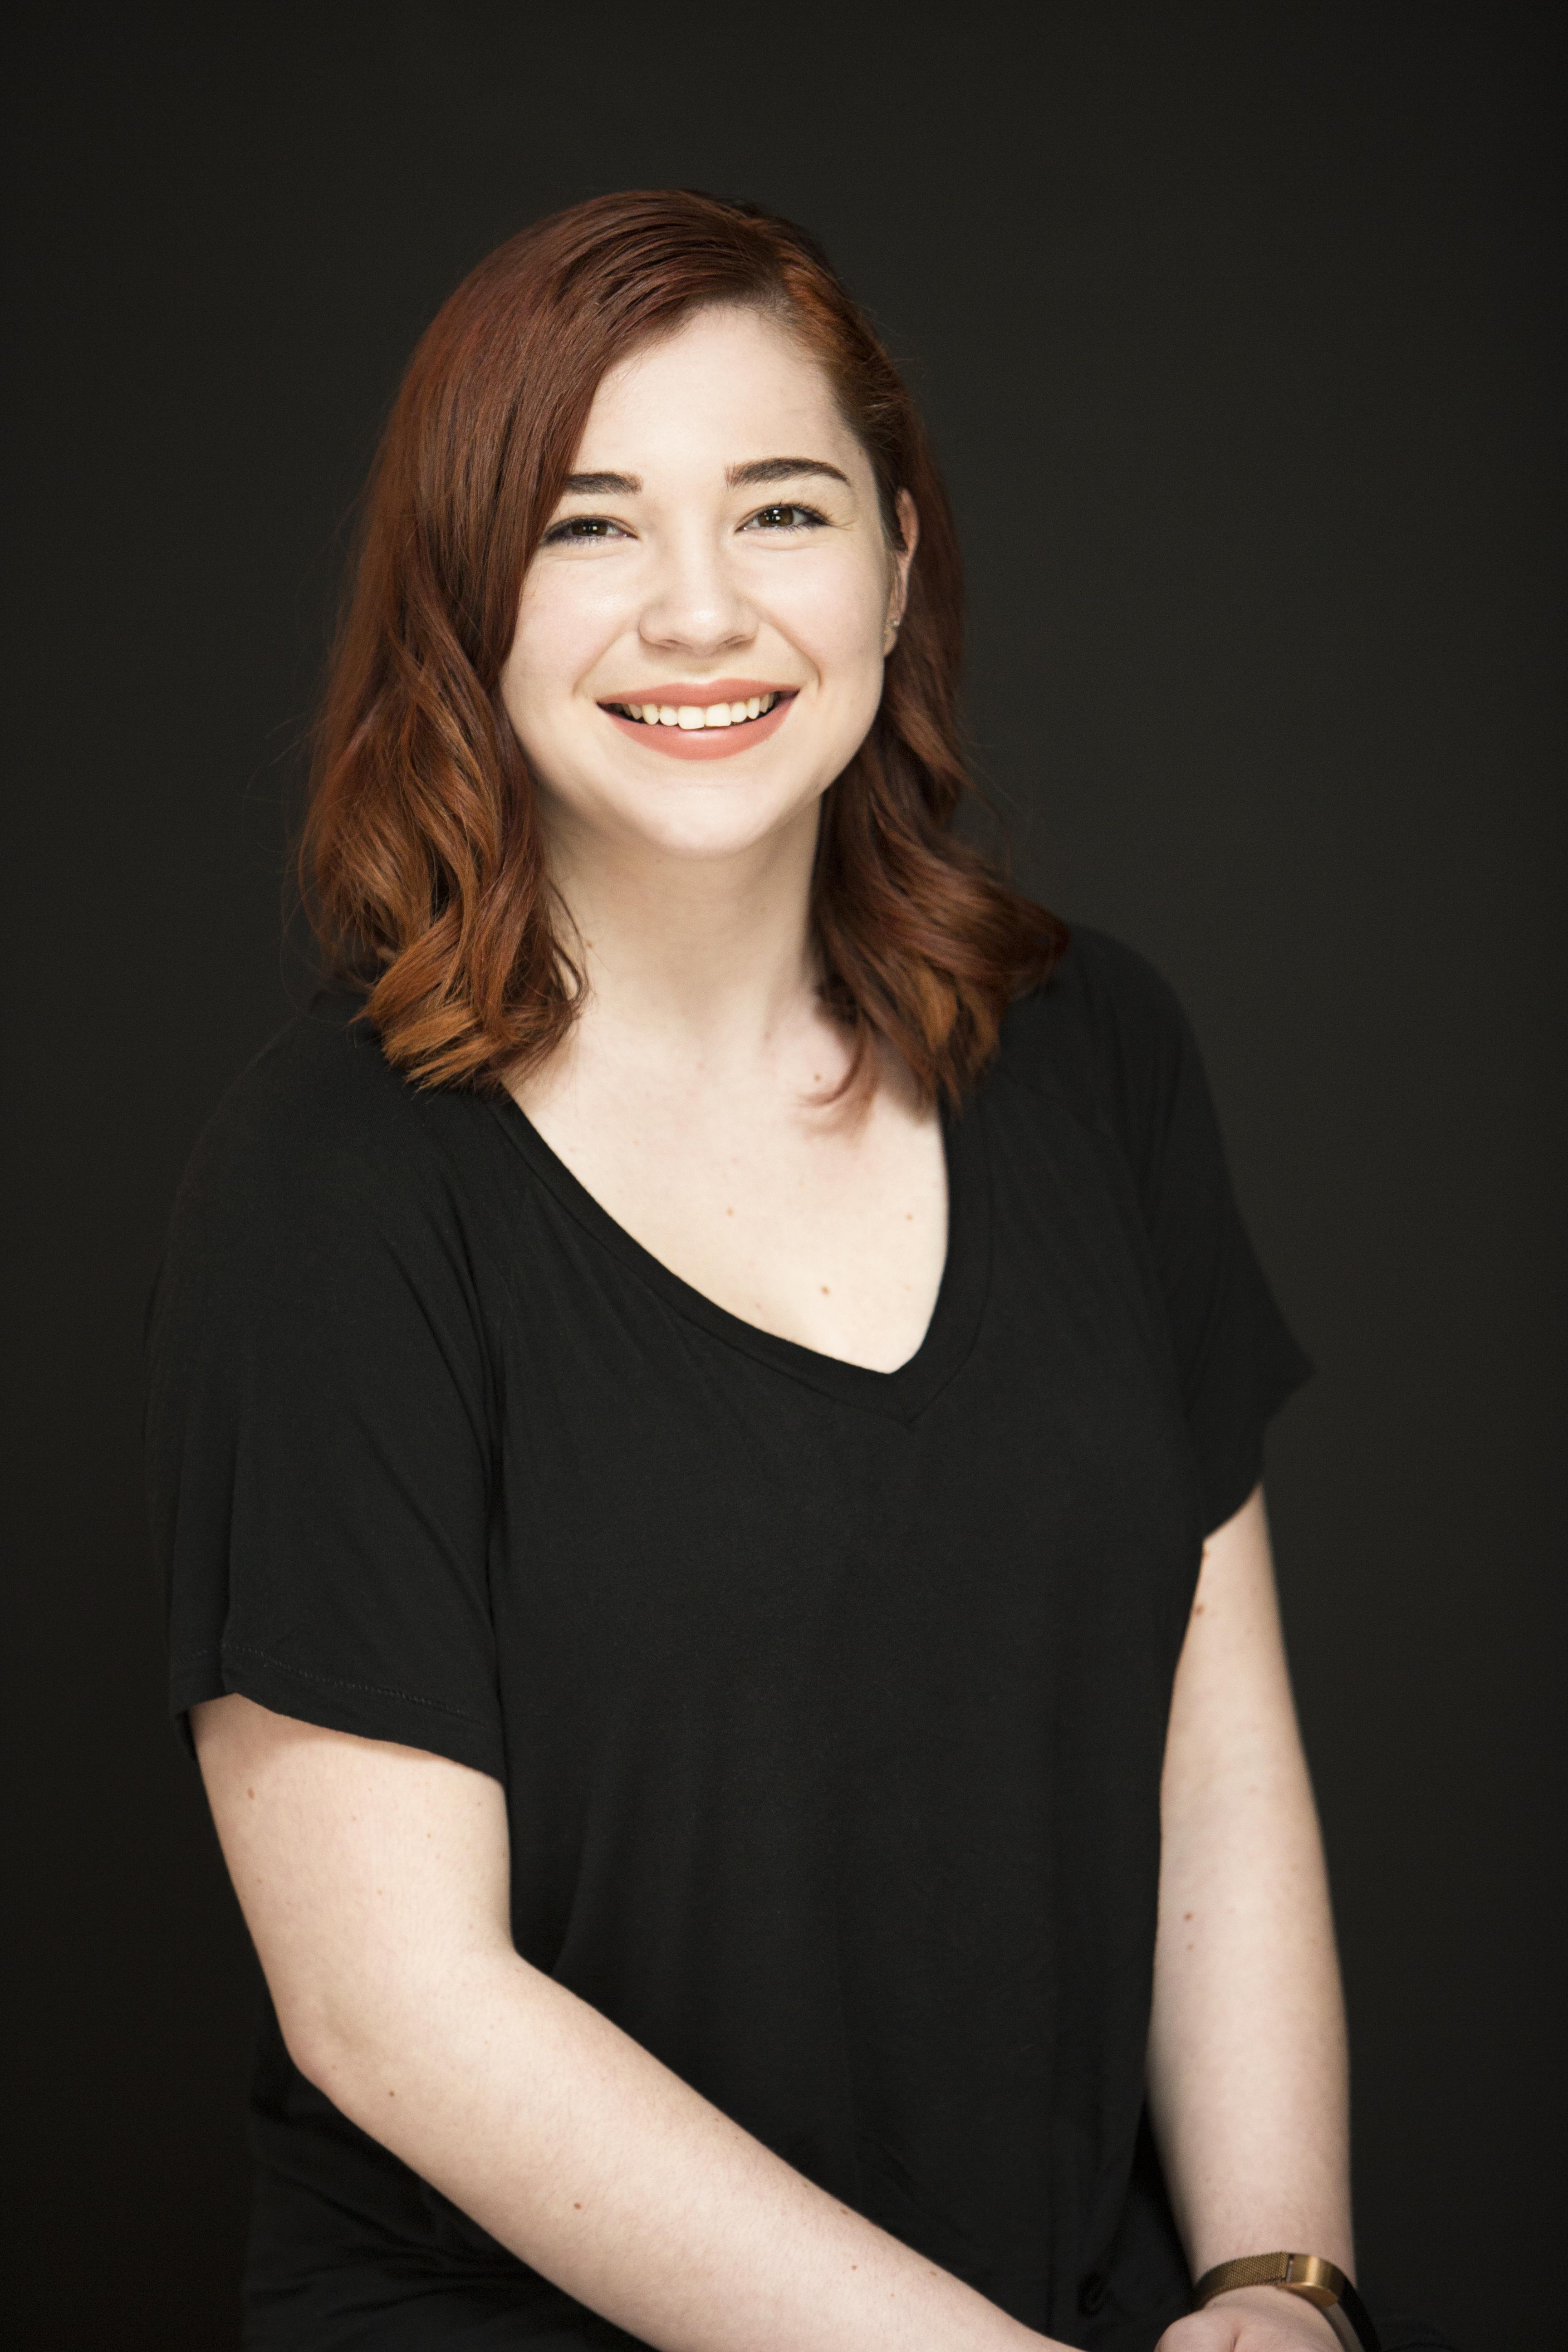 Gillian Schmitz